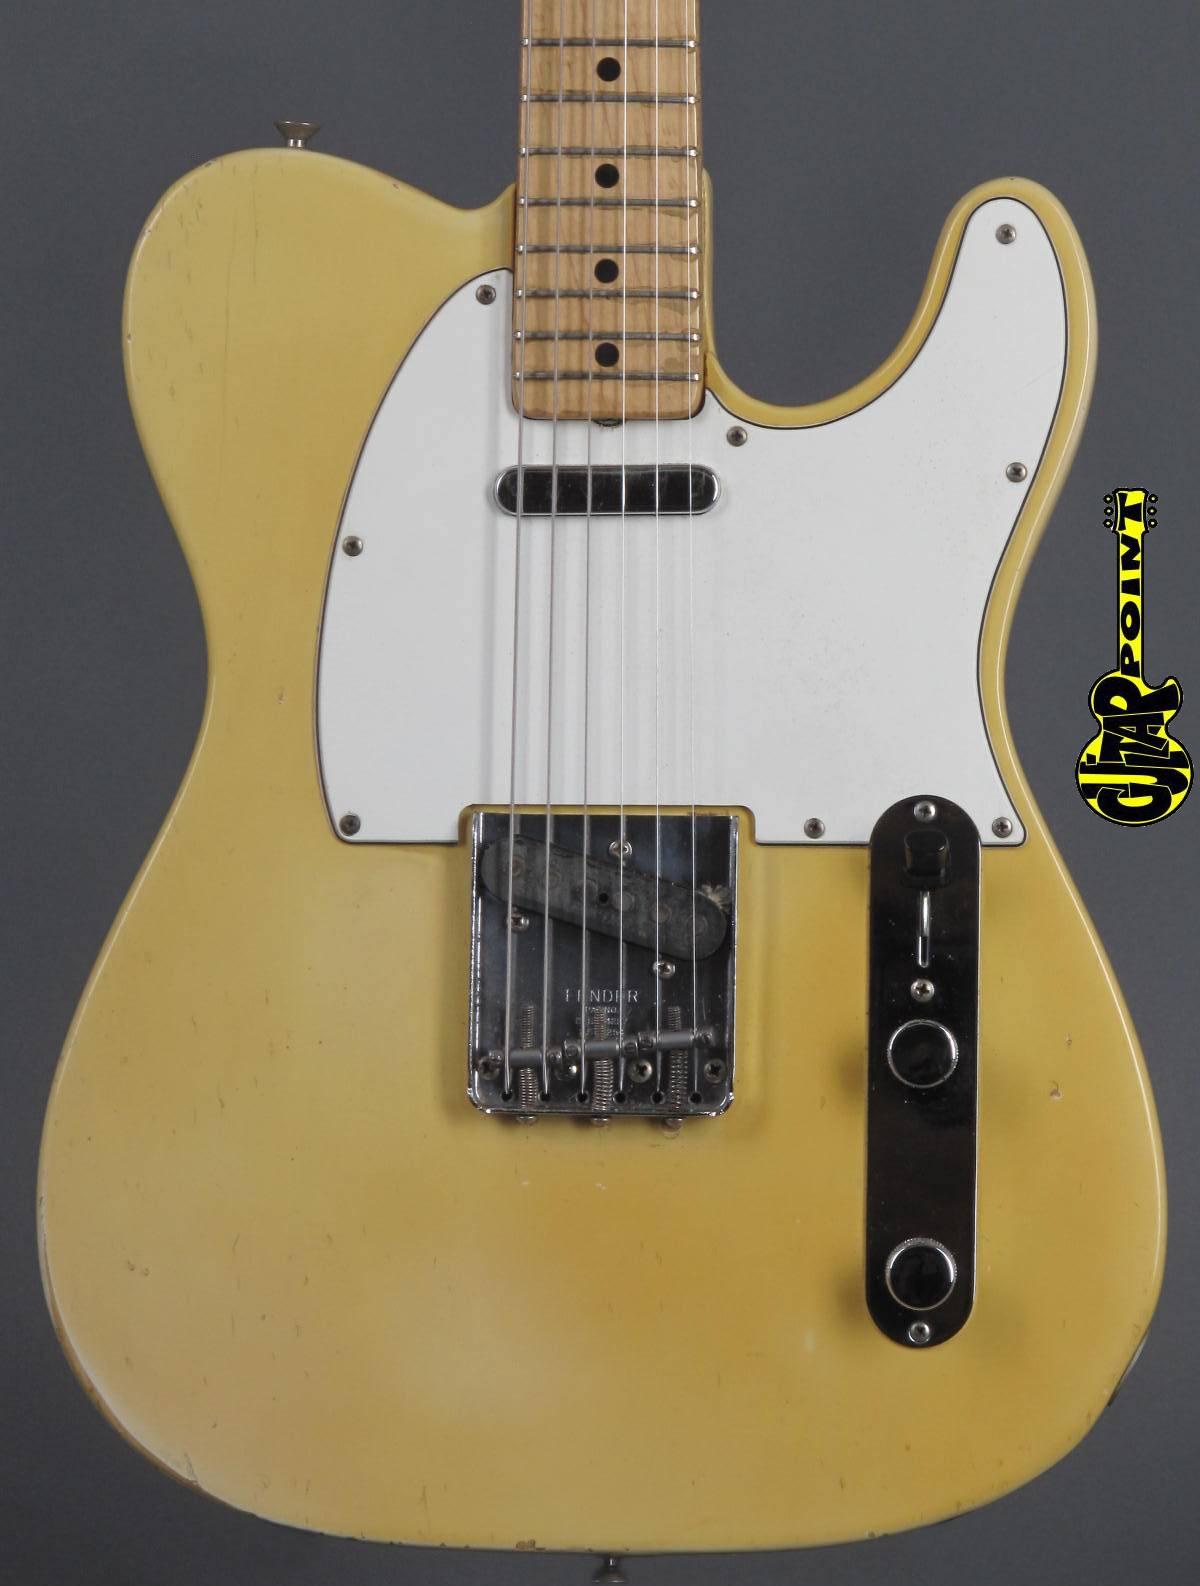 1970 Fender Telecaster - Blond